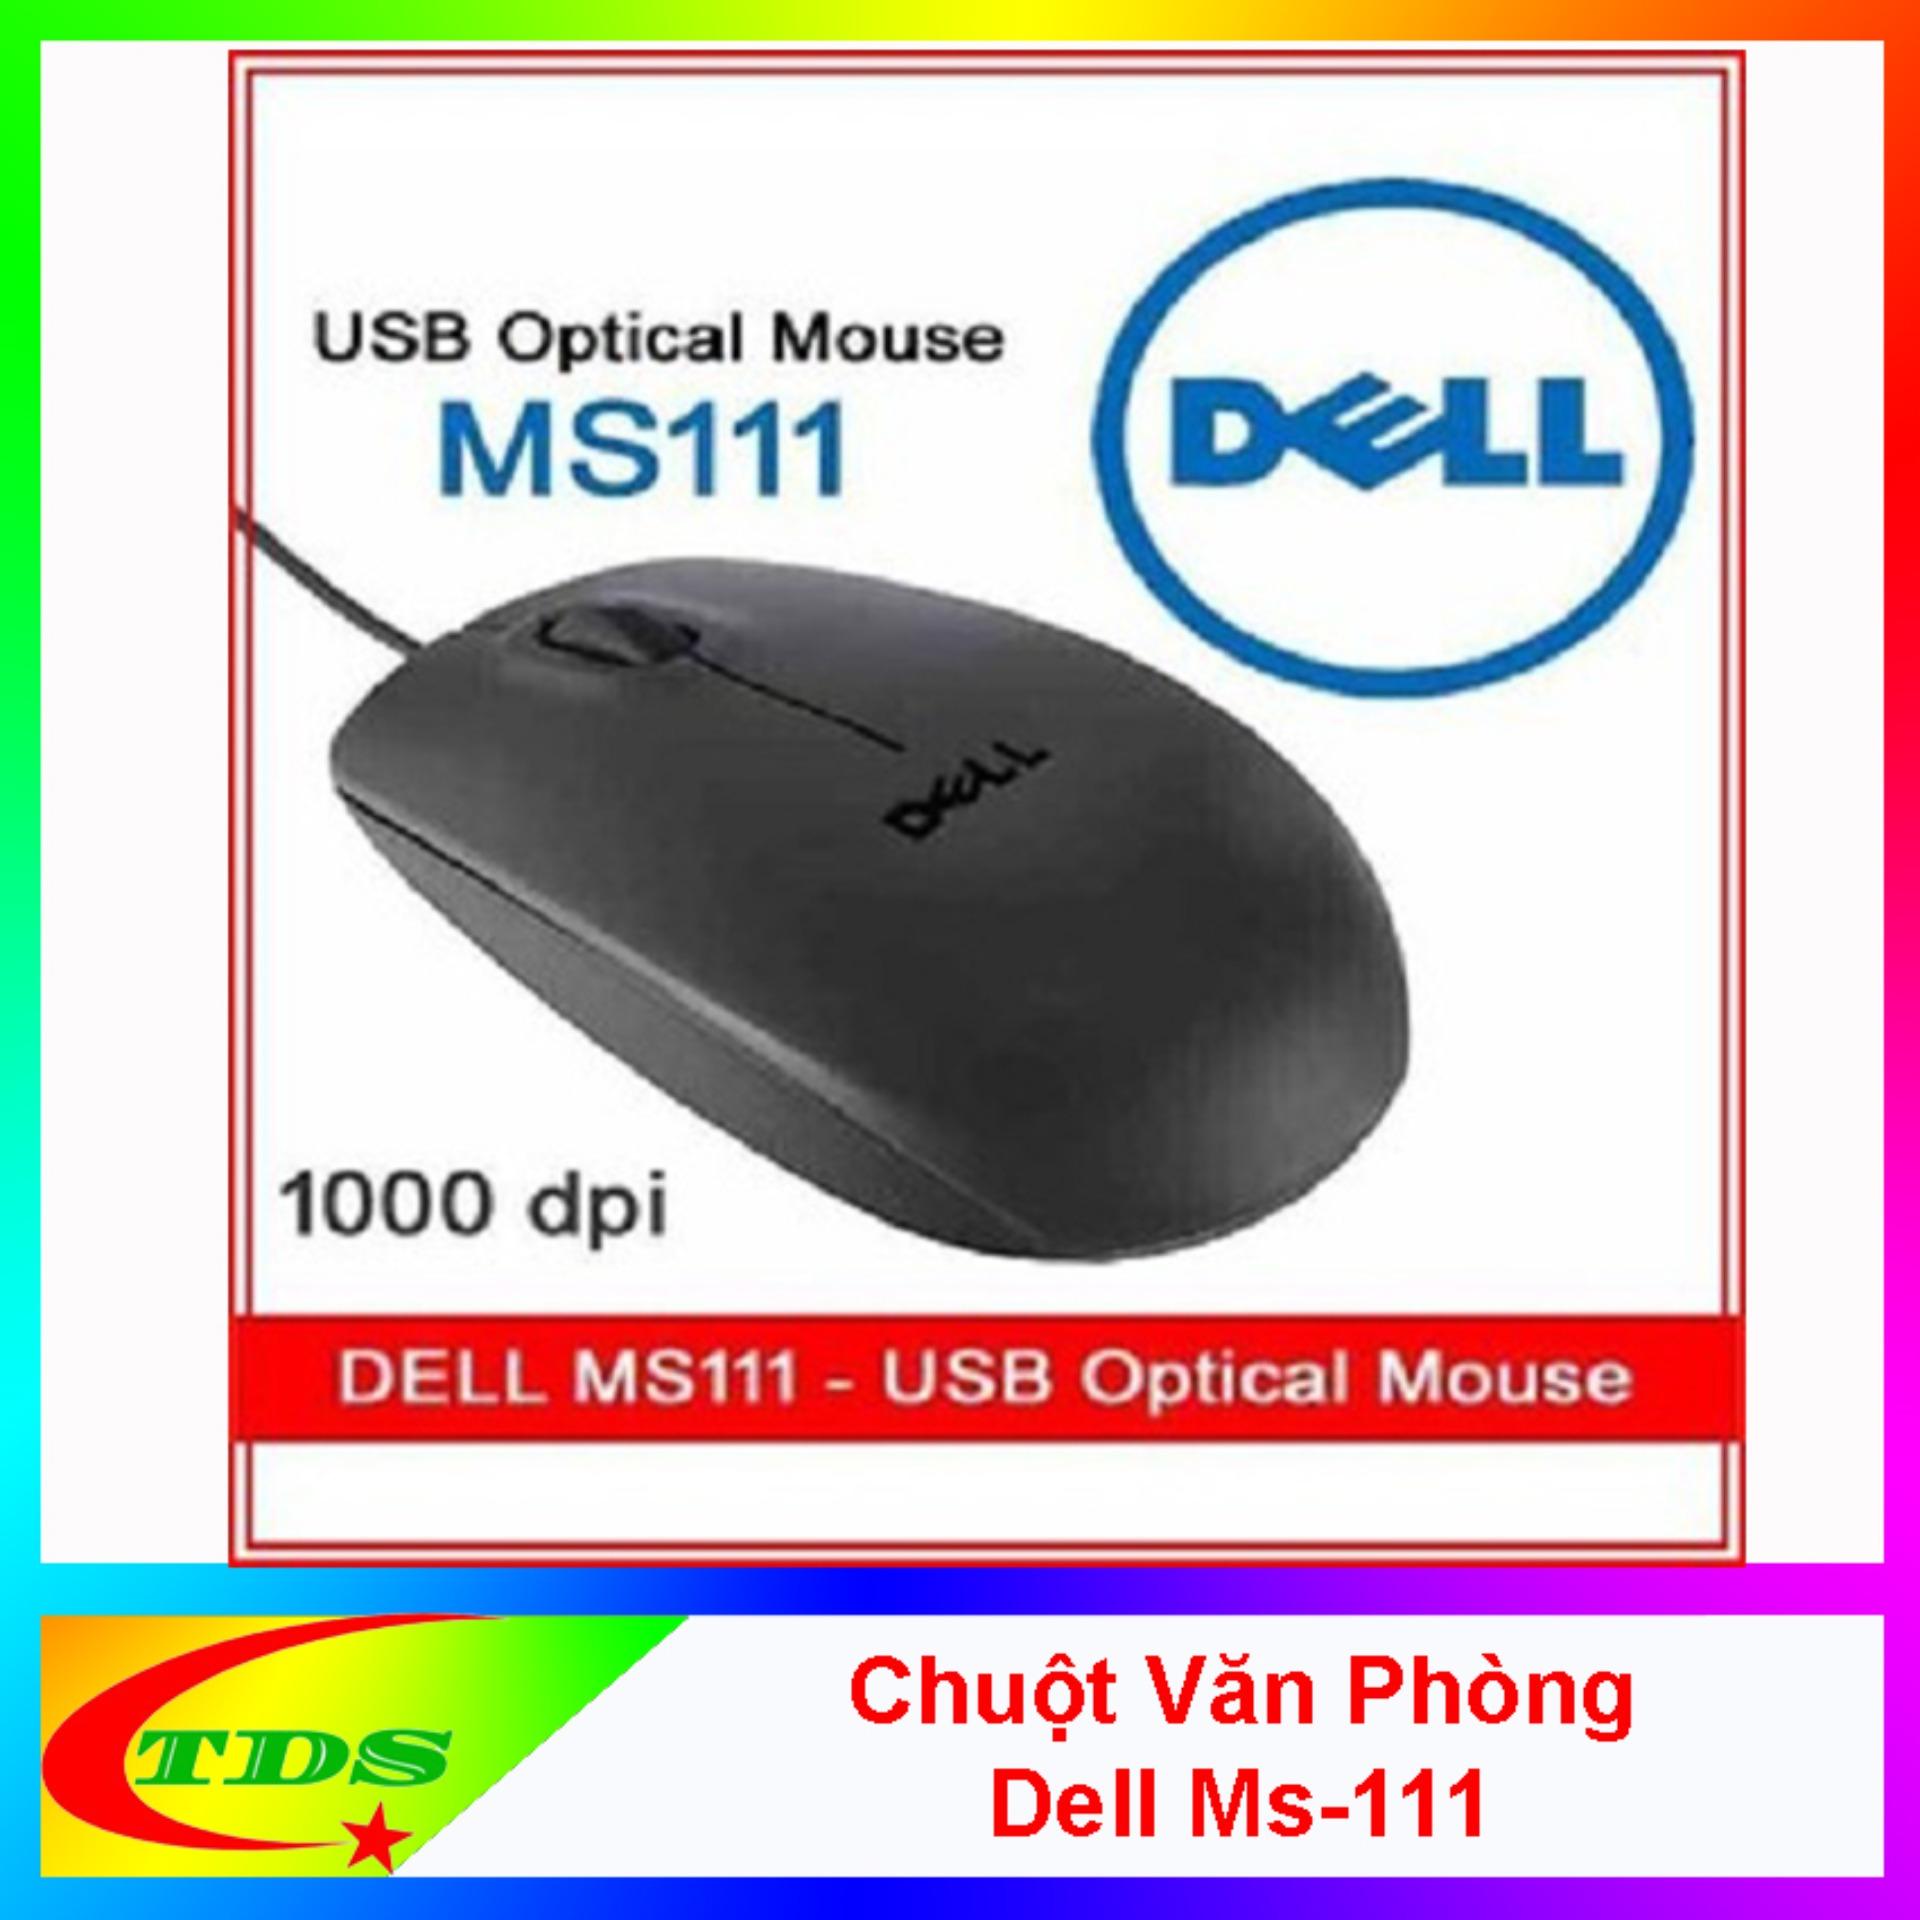 Chuột Máy Tính Dell MS111 Chính Hãng - BẢO HÀNH 1 ĐỔI 1 12 THÁNG Đang Ưu Đãi